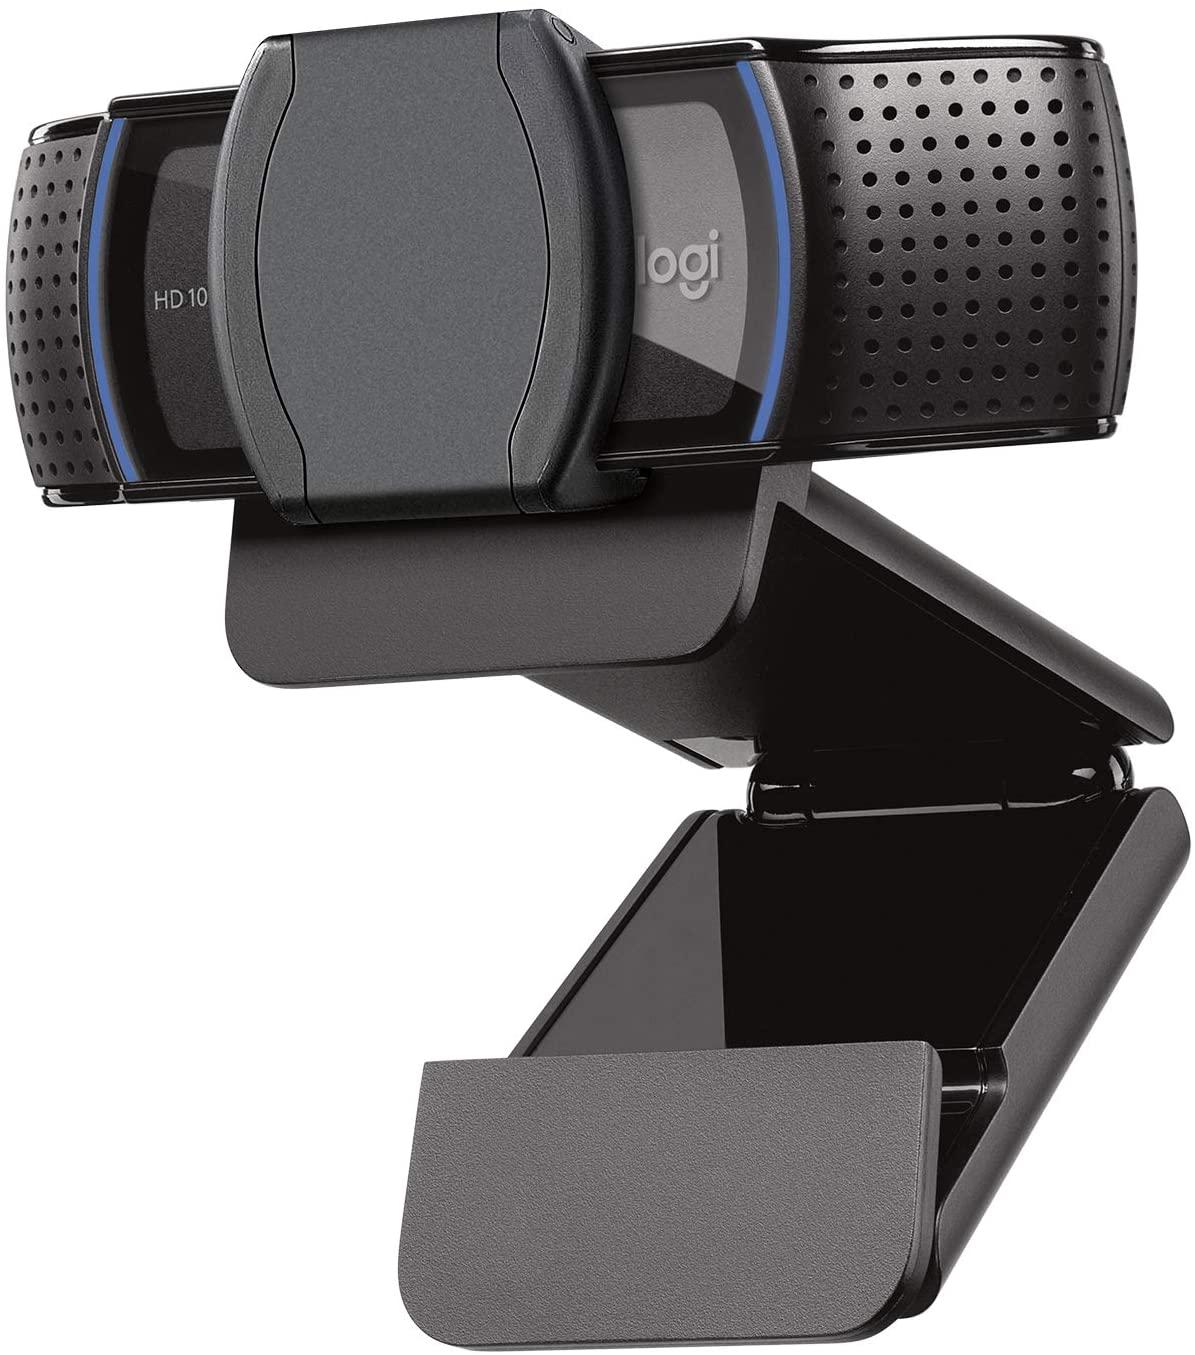 Webcam Full Hd Logitech C920s Pro Hd 1080p 30fps